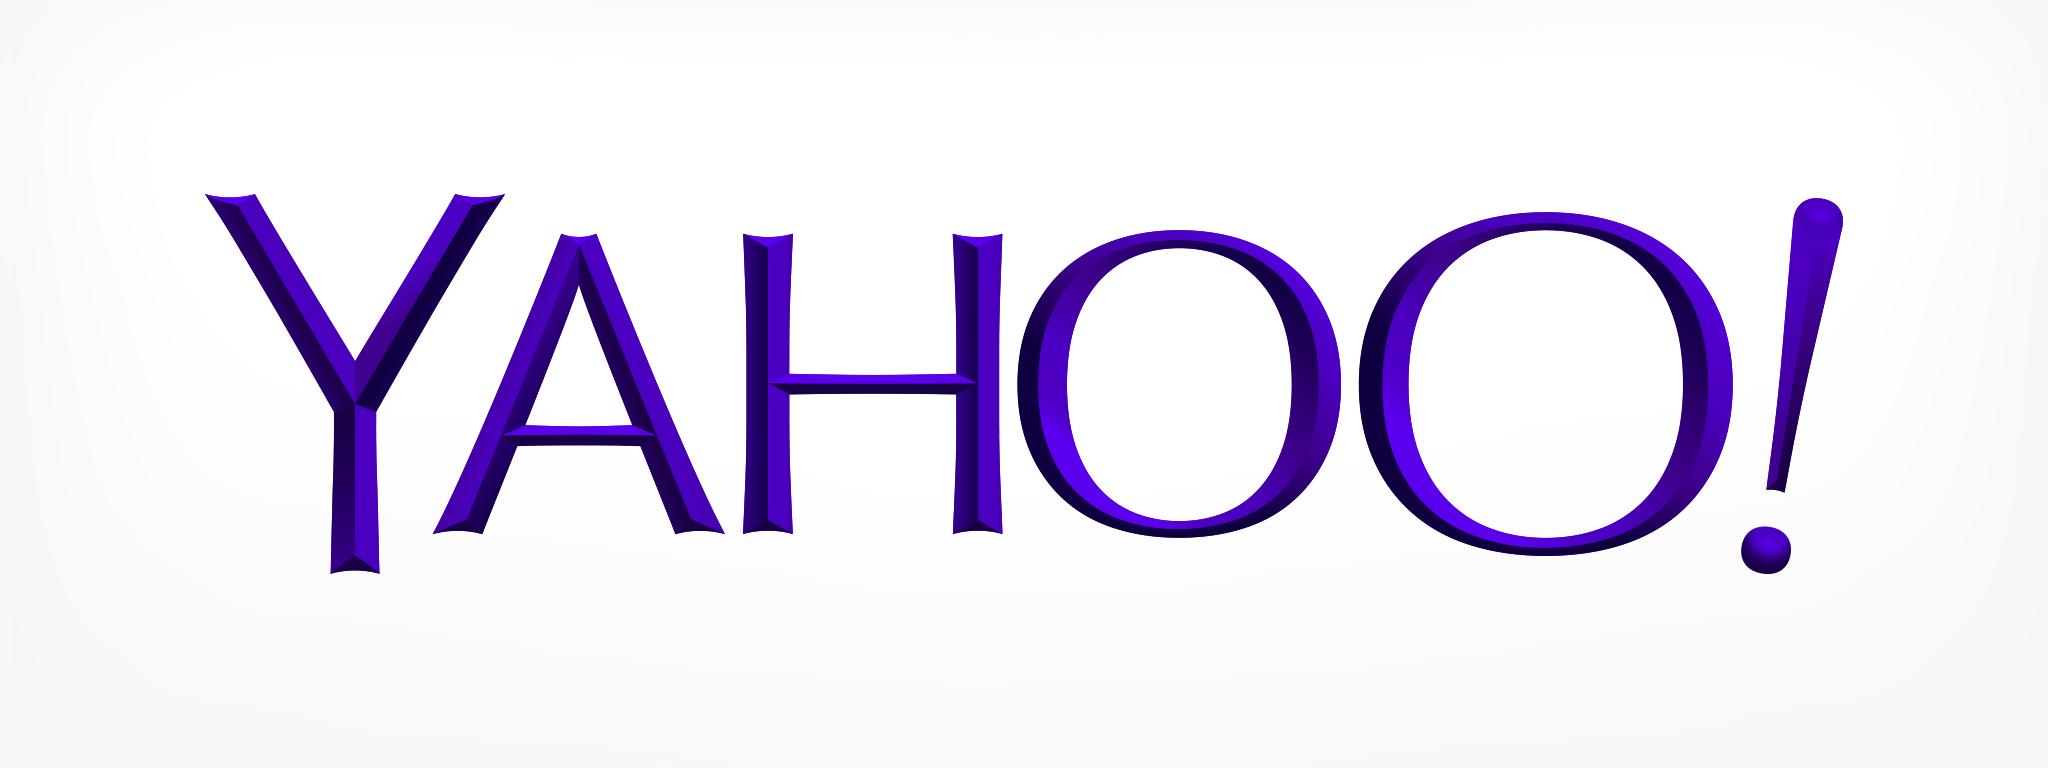 ... Yahoo Clipart - clipartall ...